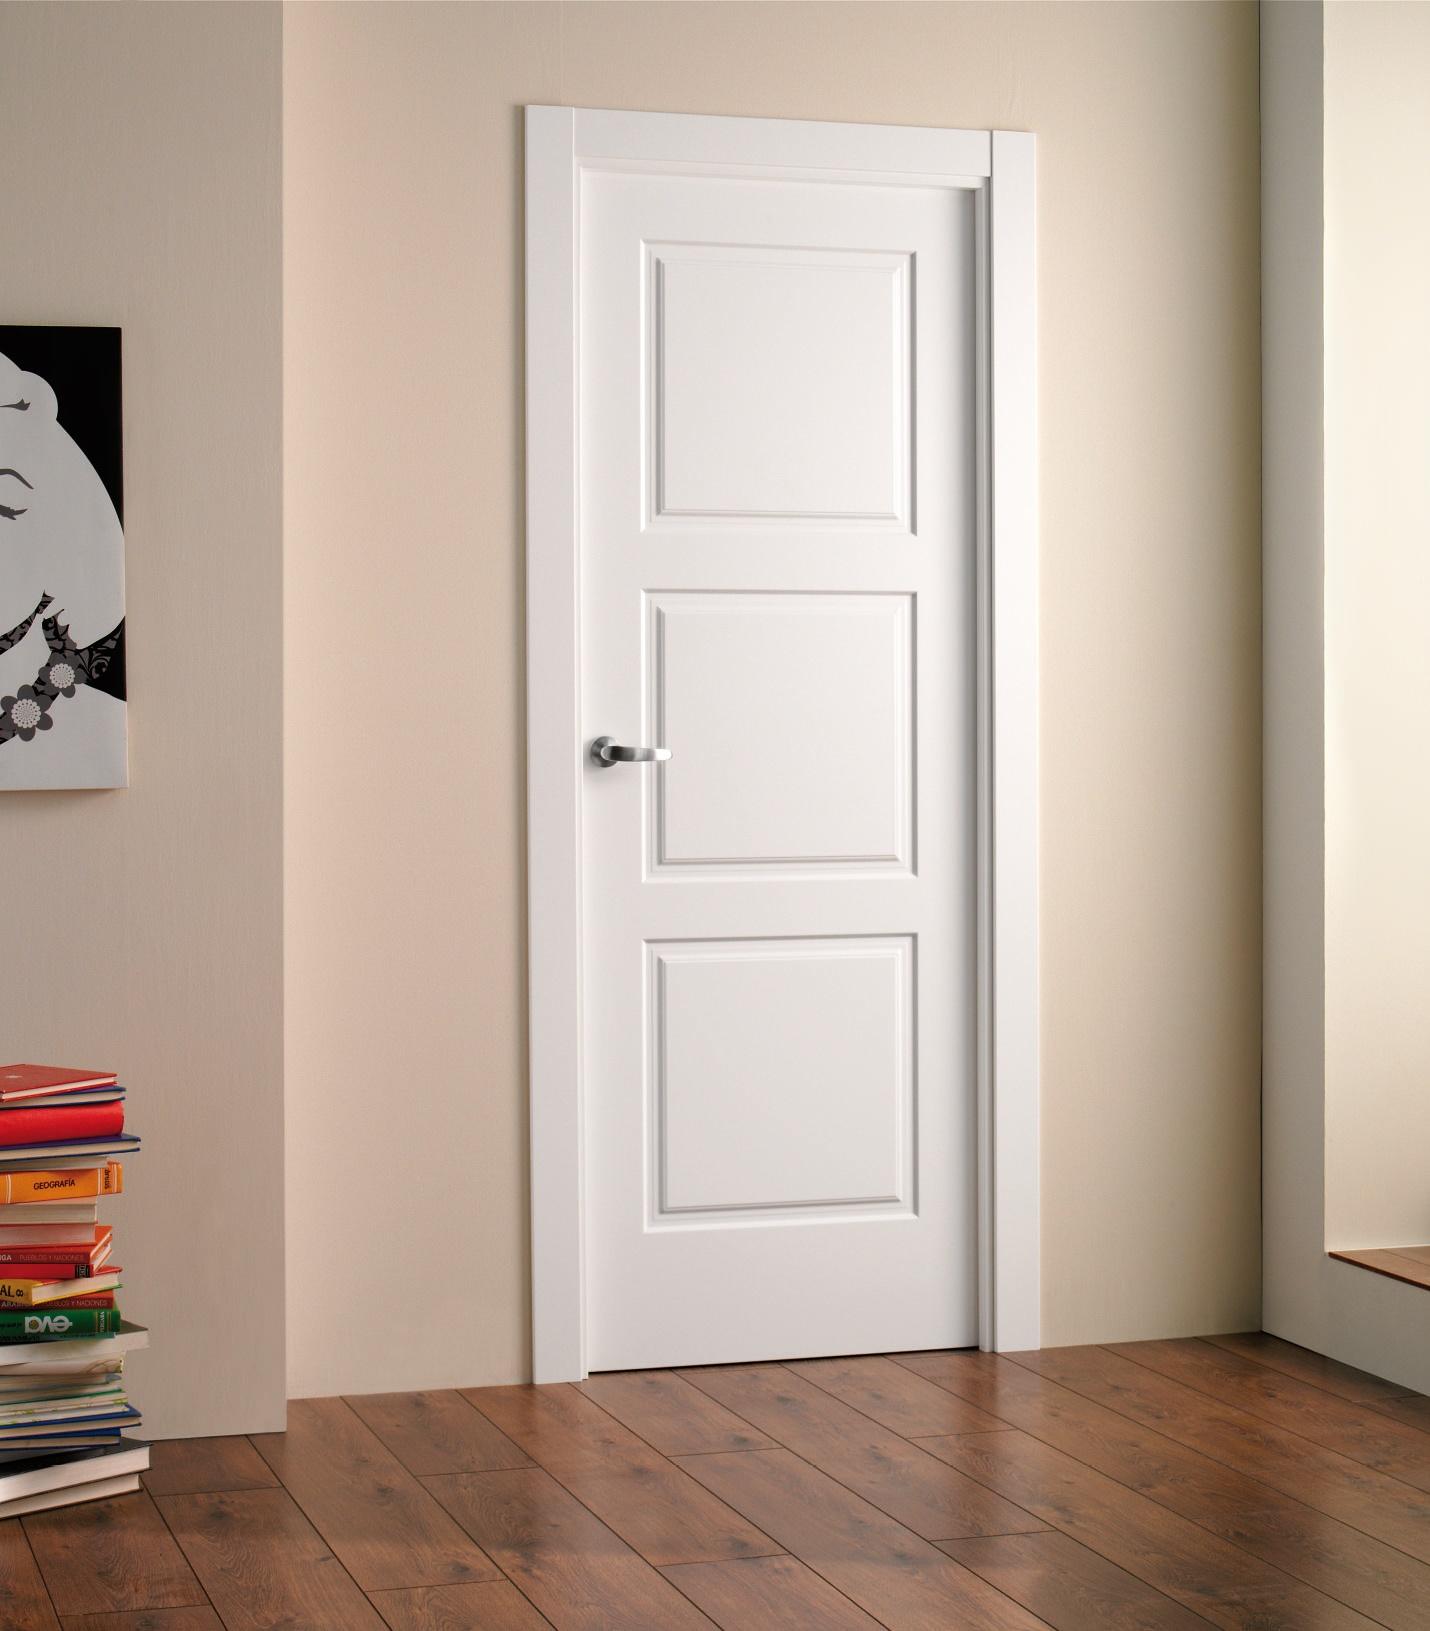 Cocinas gamiz cambiar las puertas interiores de la vivienda - Cambiar puertas de cocina ...